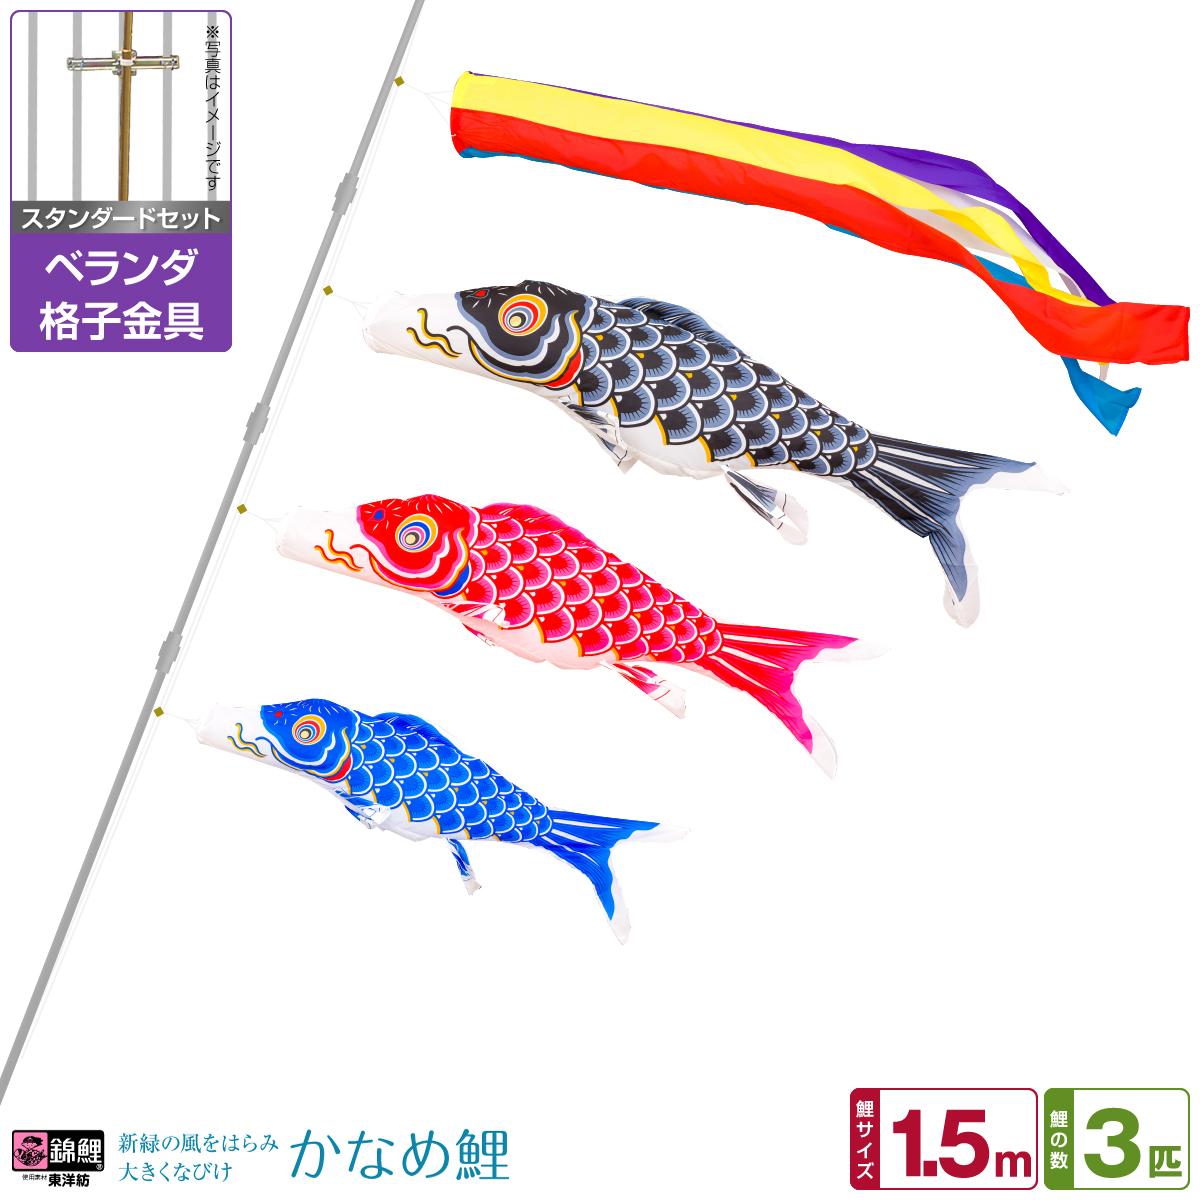 ベランダ用 こいのぼり 鯉のぼり 錦鯉 新緑の風になびく かなめ鯉 1.5m 6点(吹流し+鯉3匹+矢車+ロープ)/スタンダードセット(格子金具)